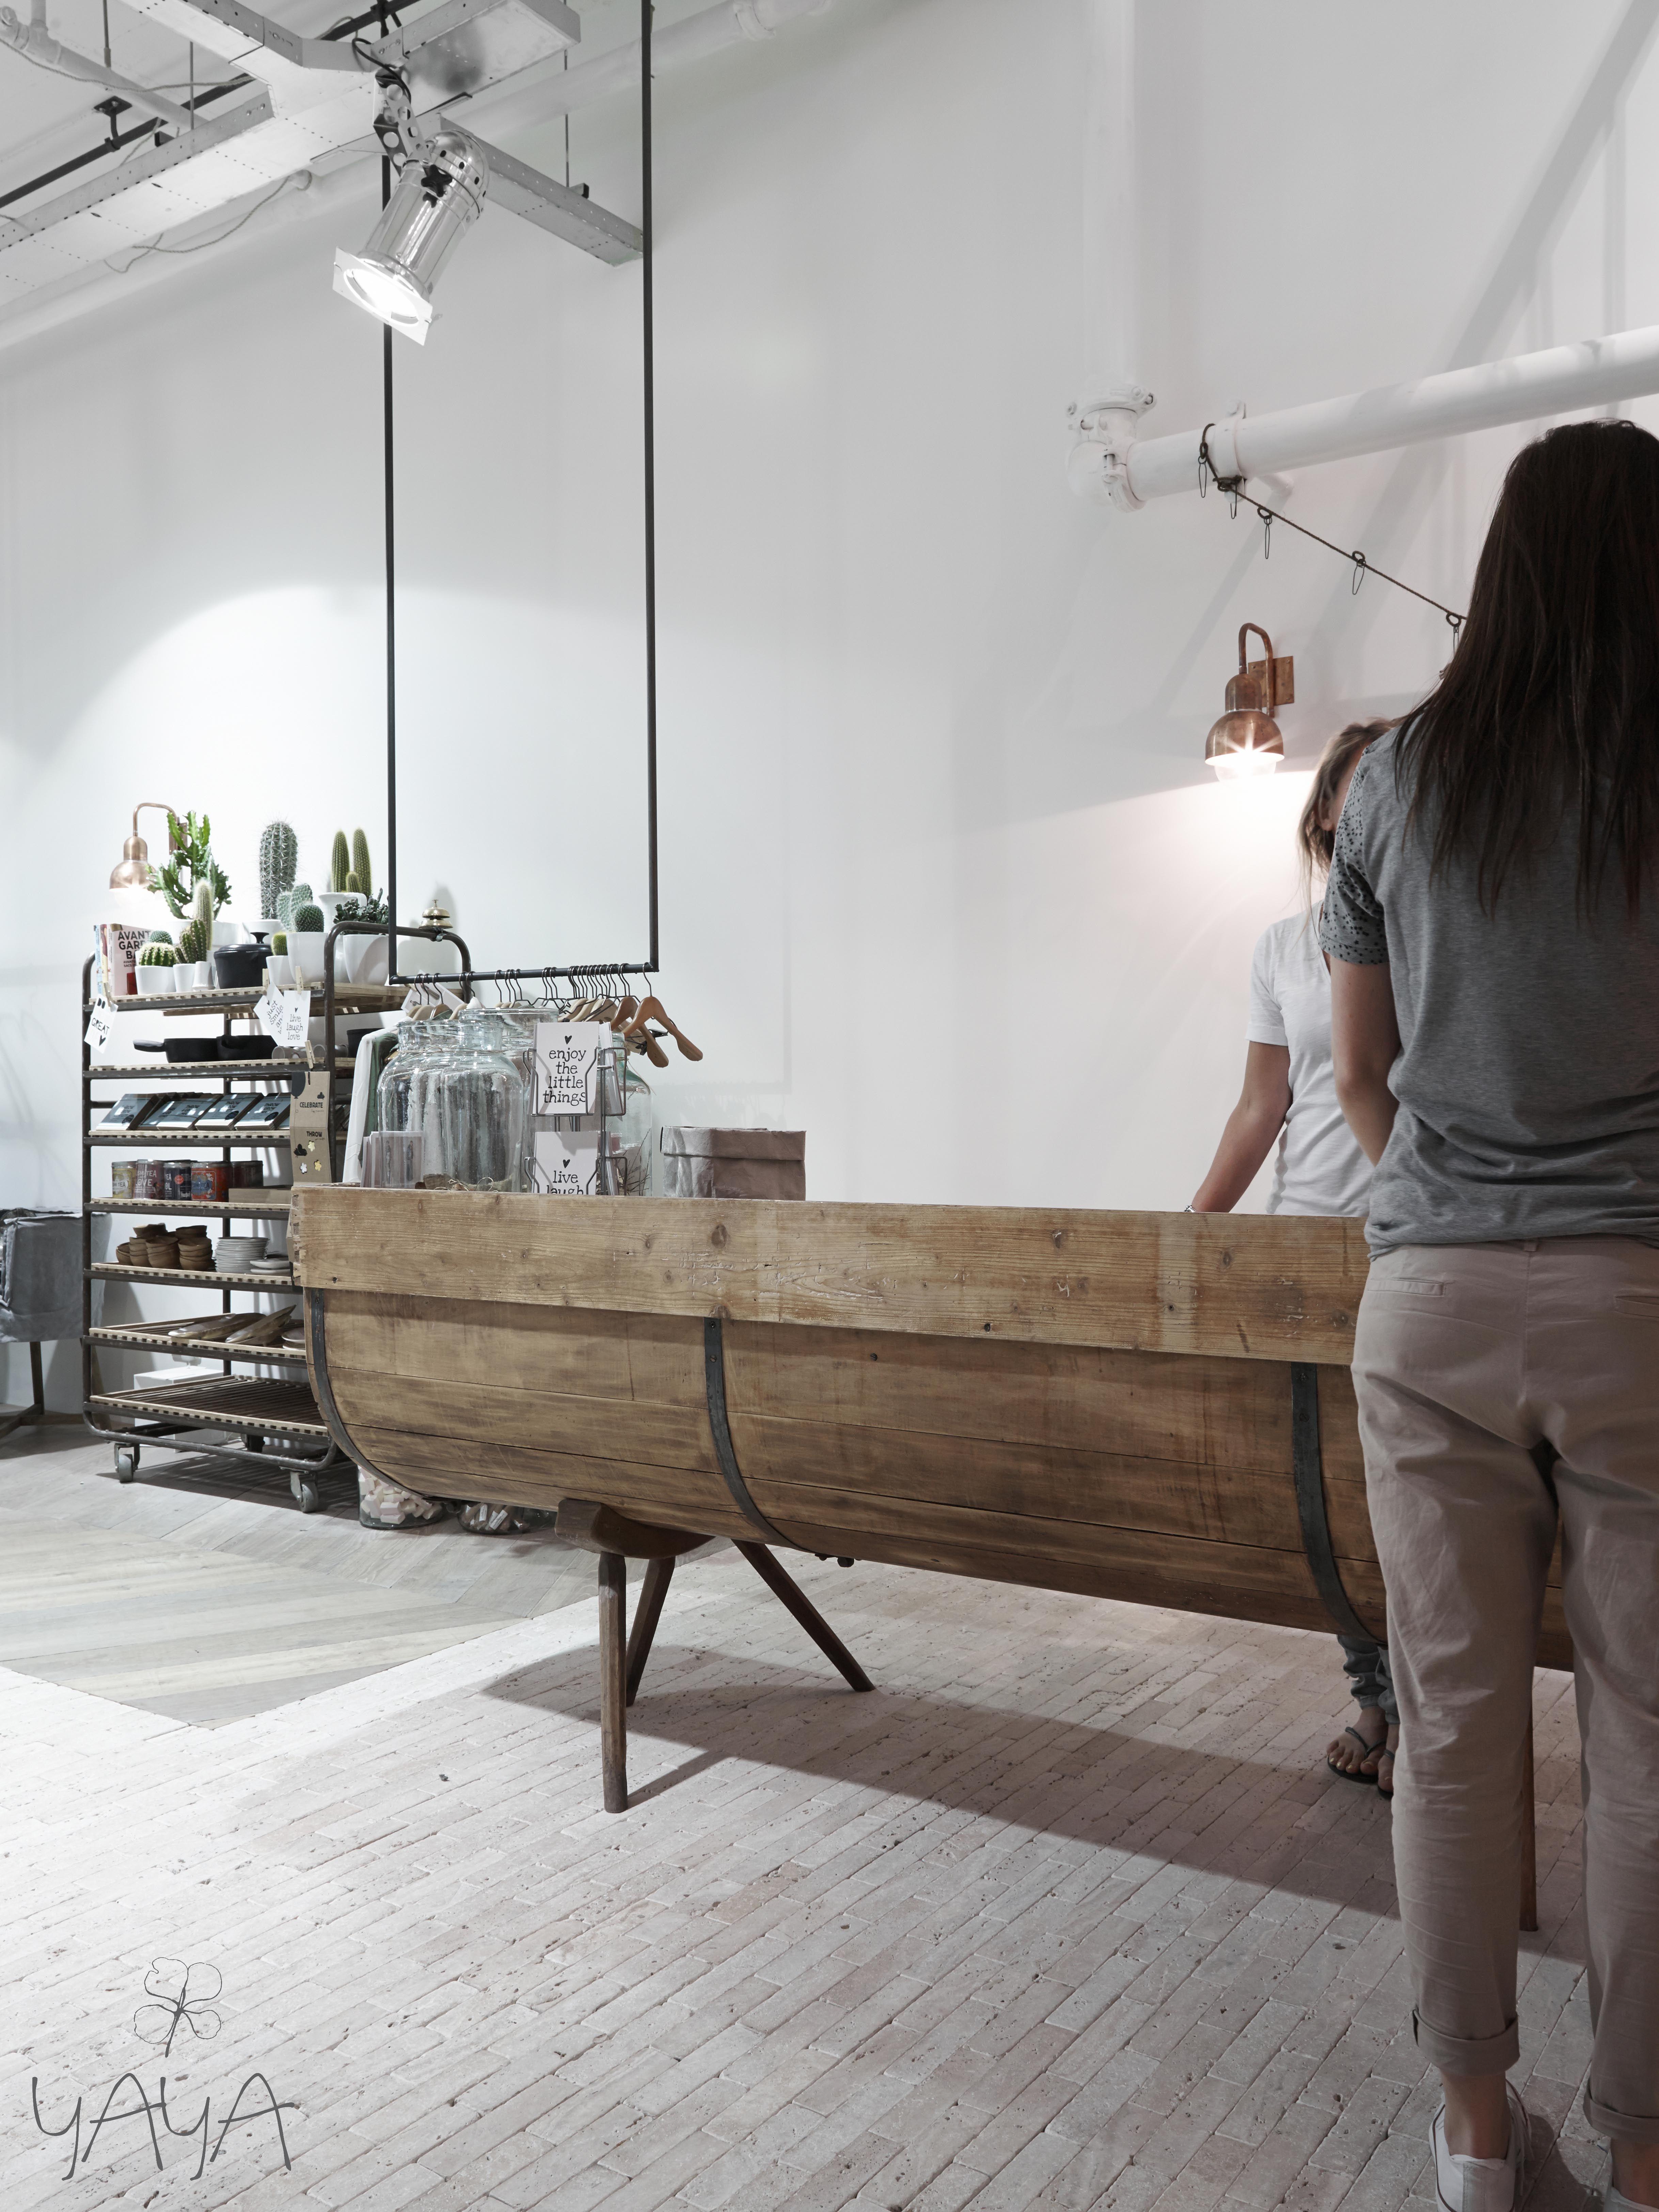 yaya concept store amstelveen concept winkels winkel interieur woonwinkel interieurontwerp winkelruimte